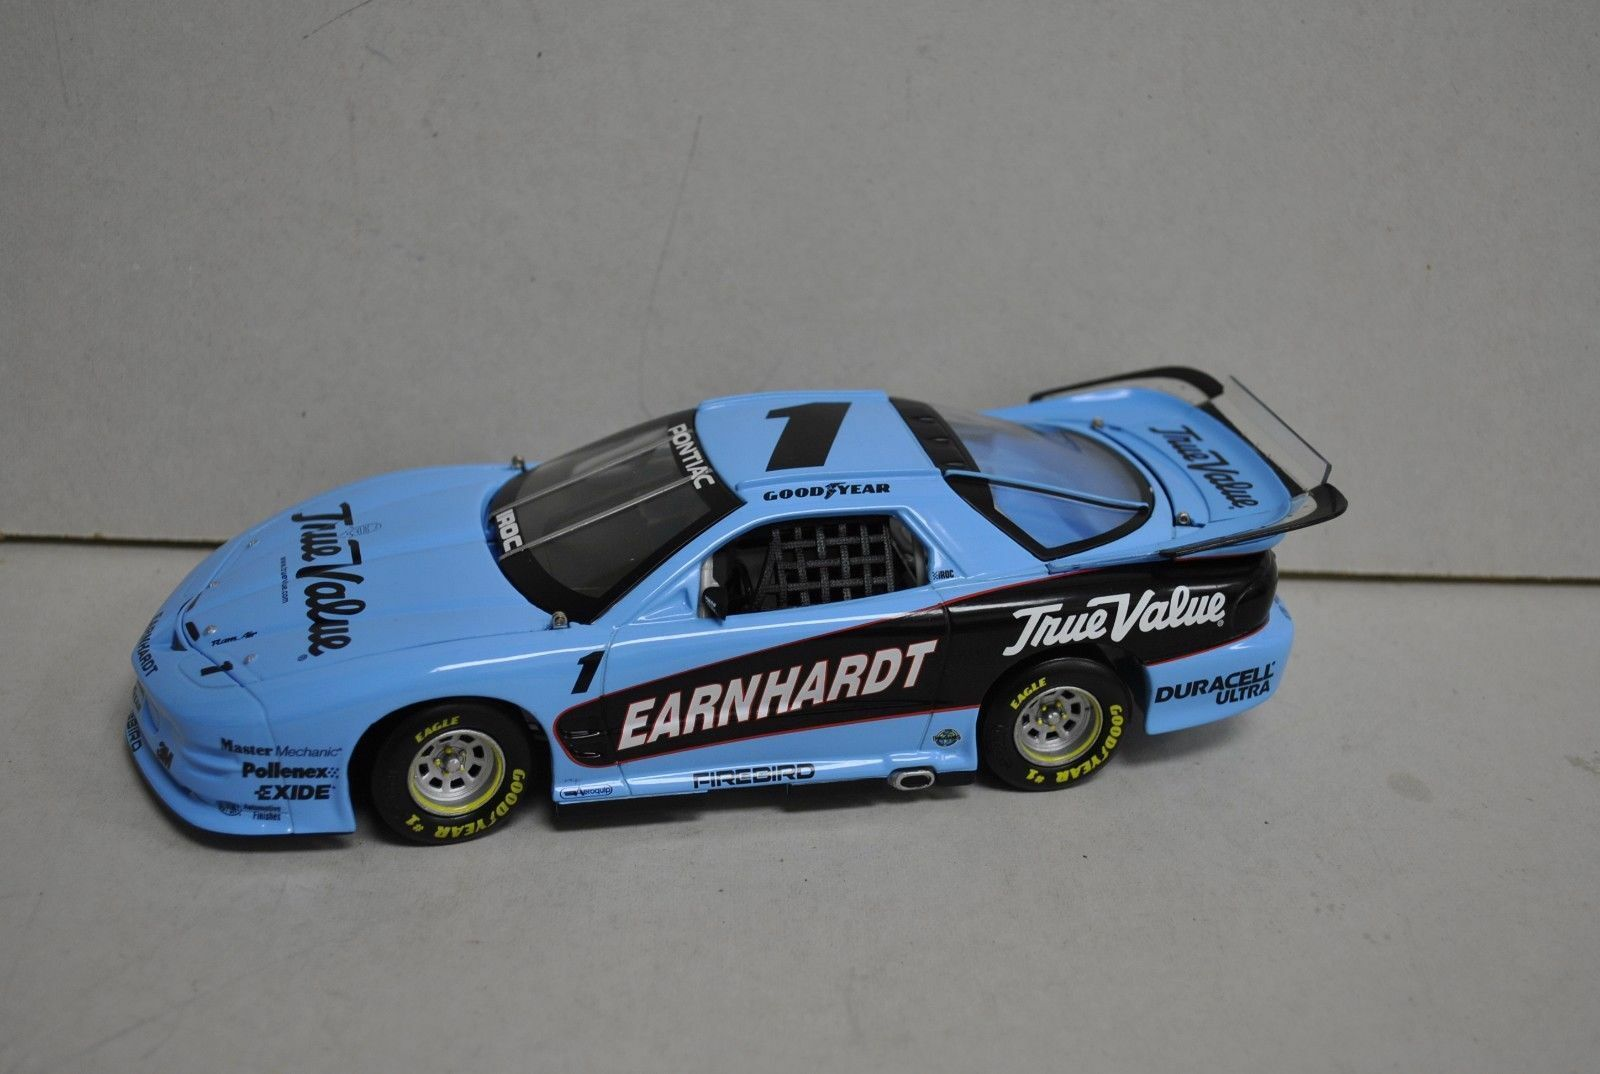 2000 Dale Earnhardt Nº 1 Firebird Iroc verdadero valor acción Race Coche 1 24 Diecast